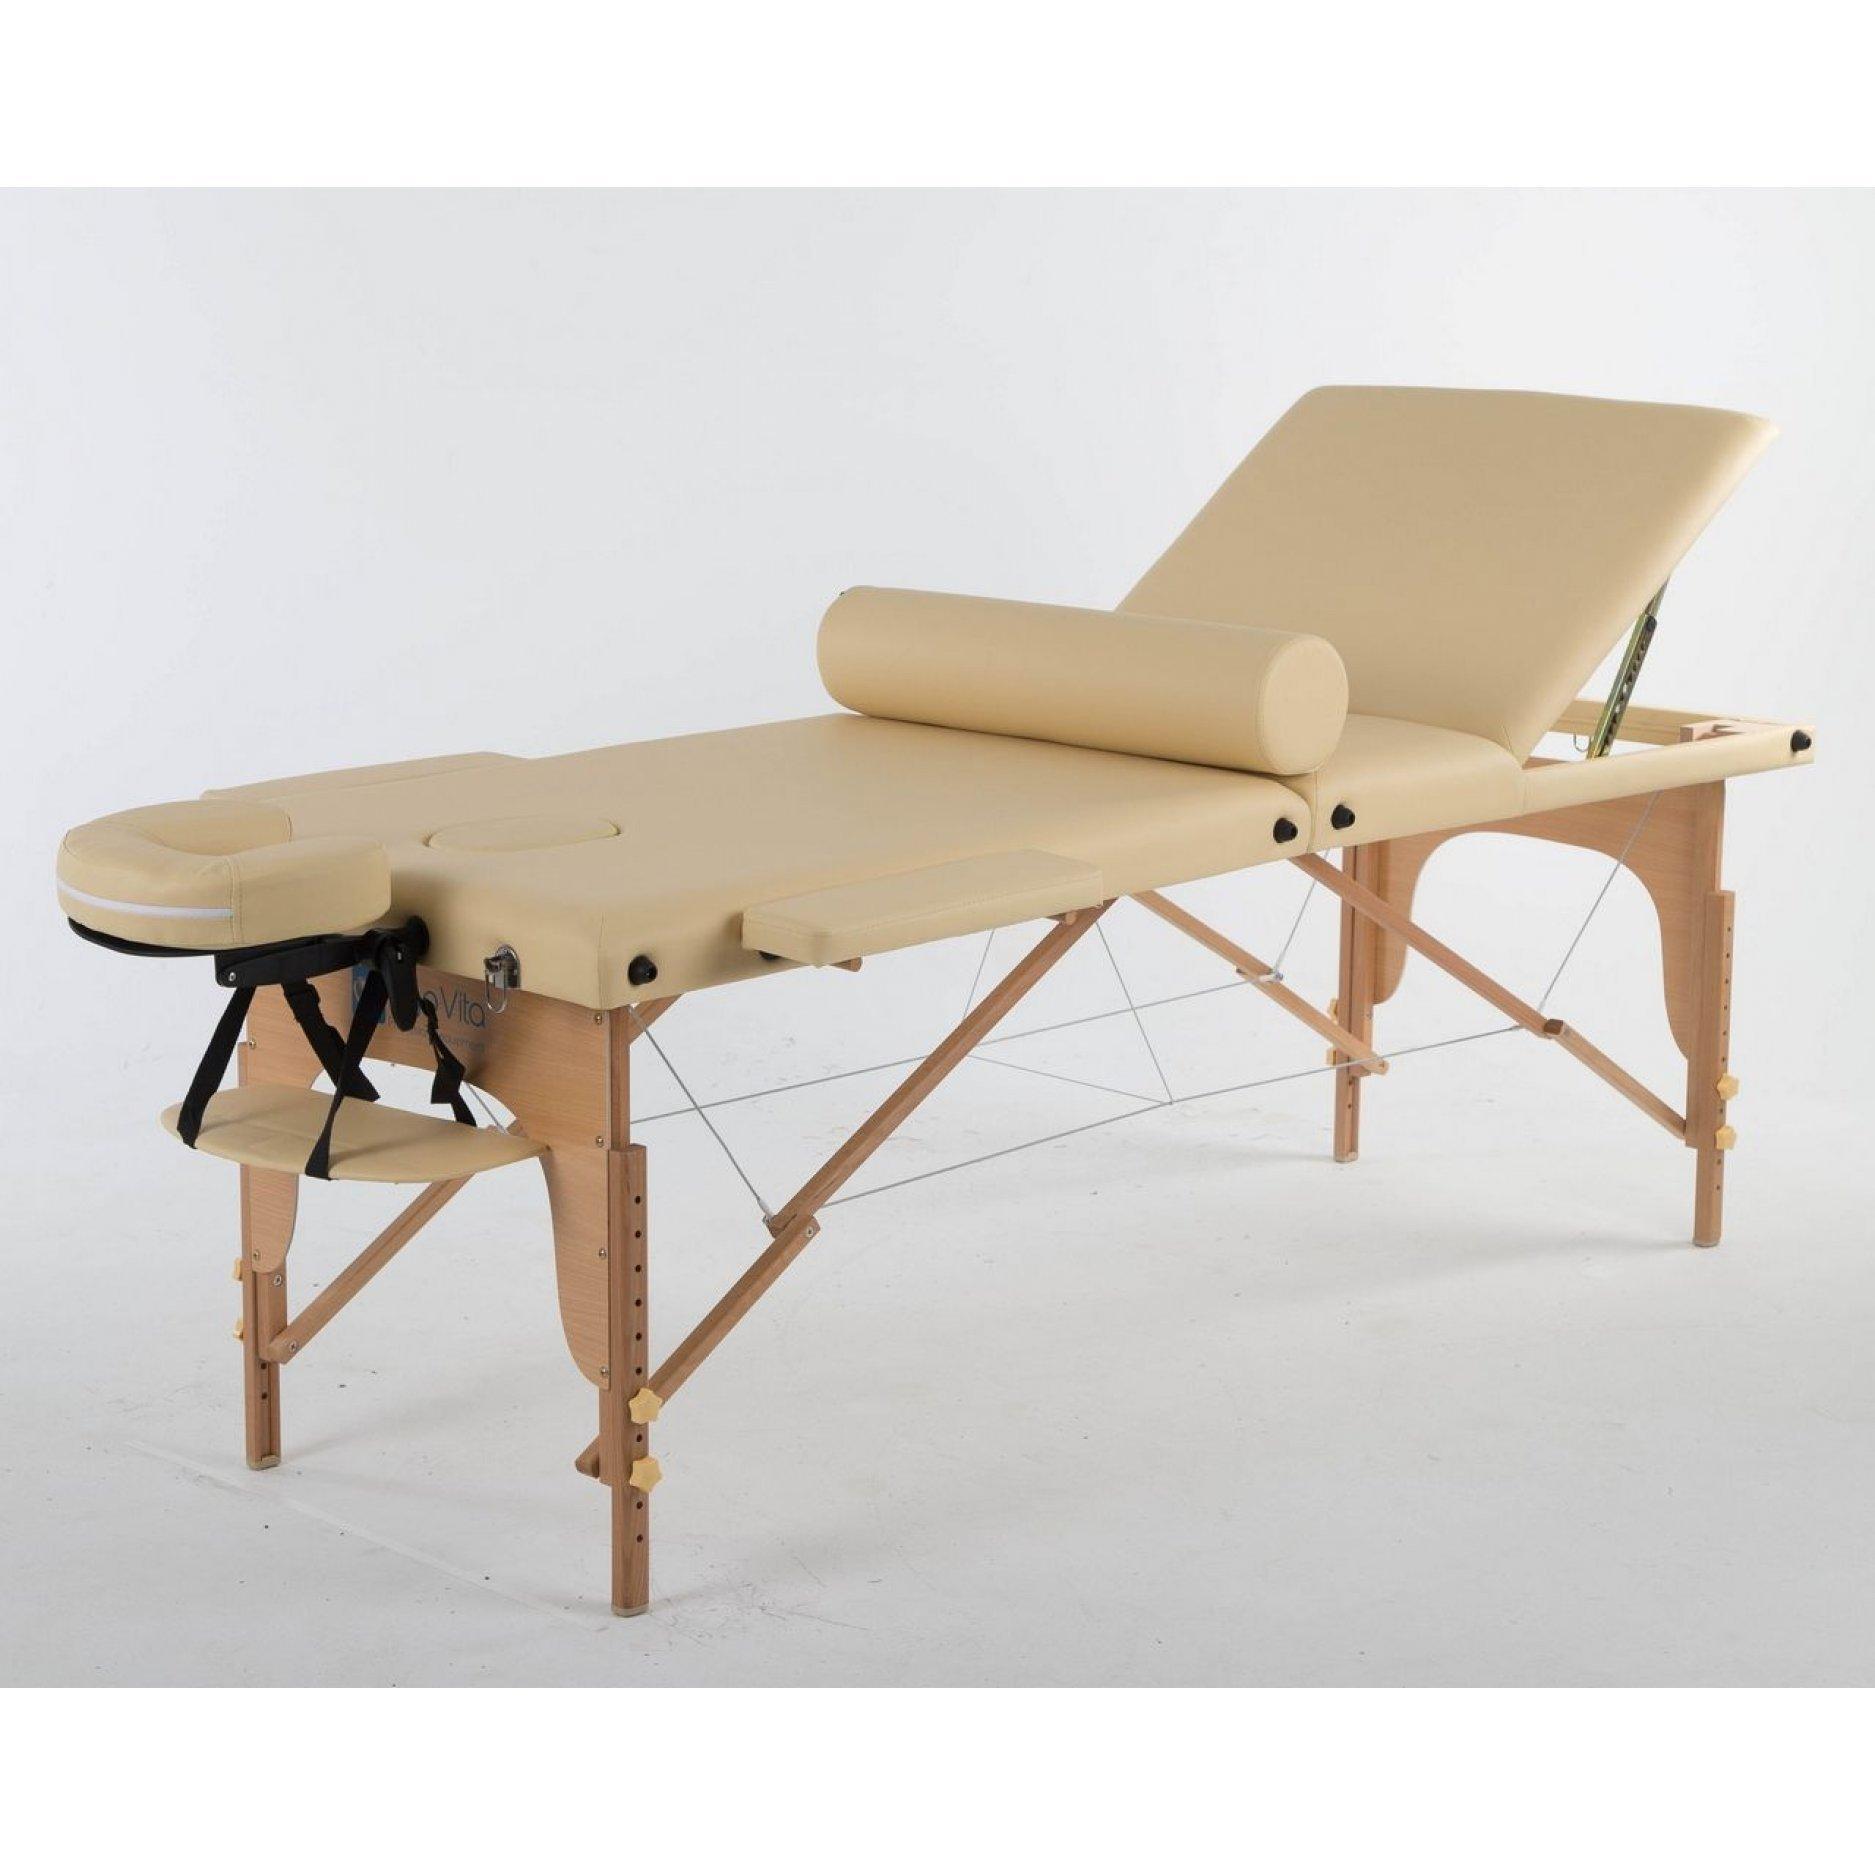 Складной массажный стол ErgoVita Classic Comfort Plus бежевый